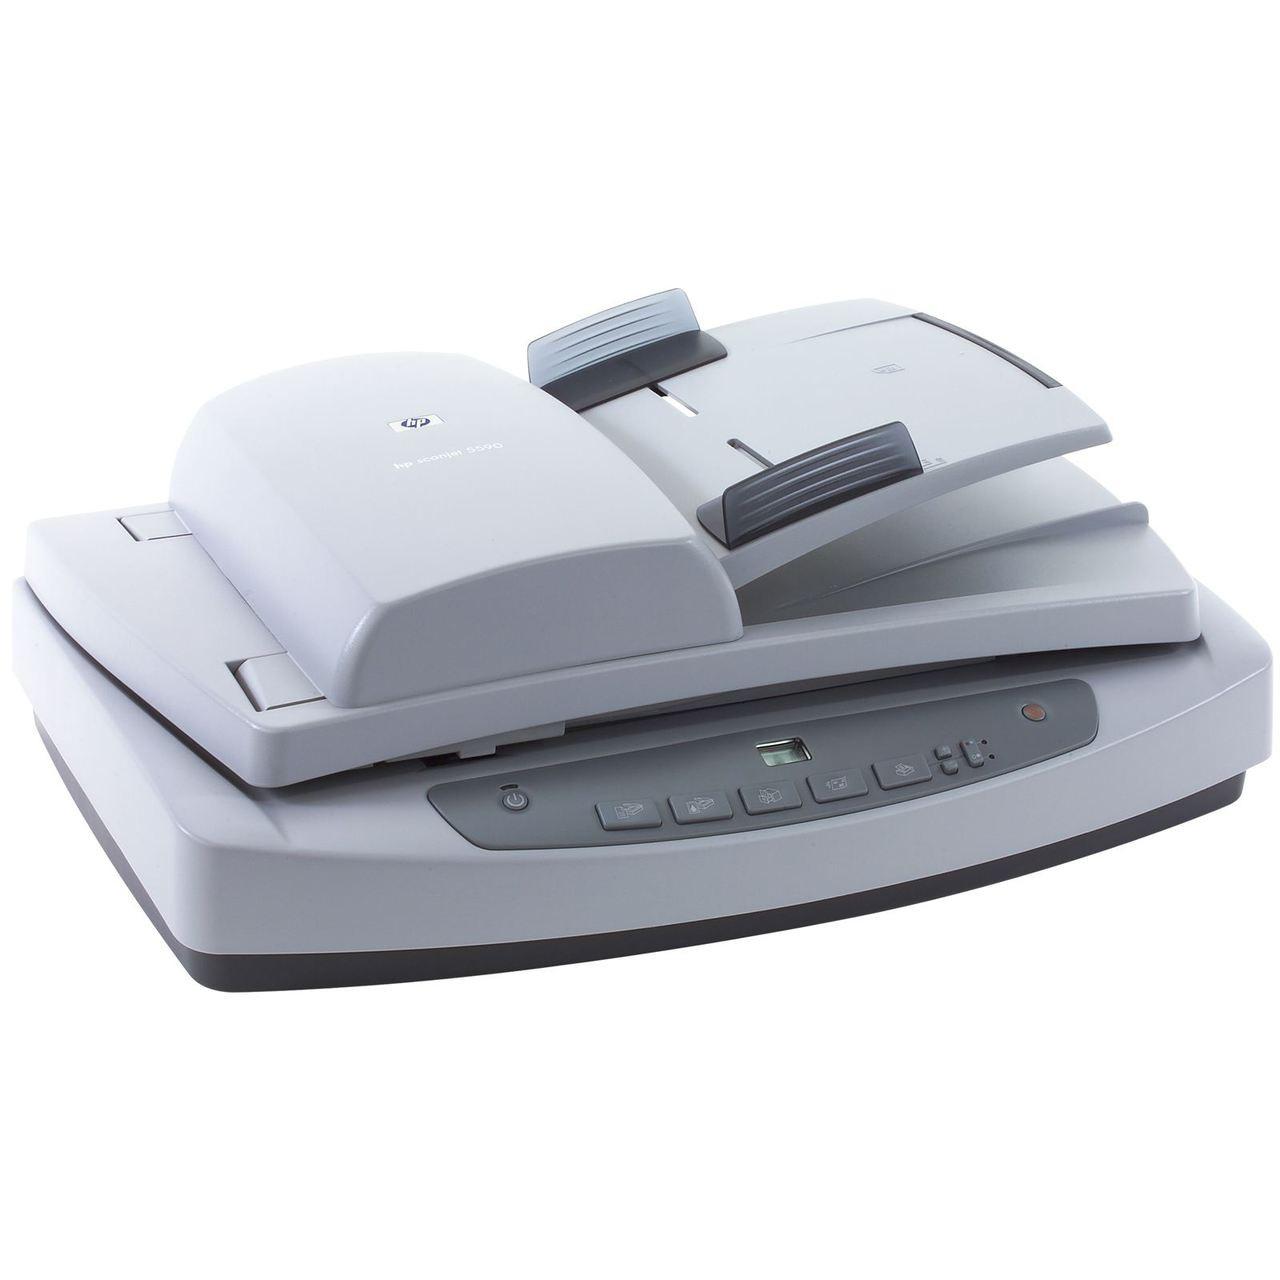 HP Scanjet 5590 Scanner, Refurbished